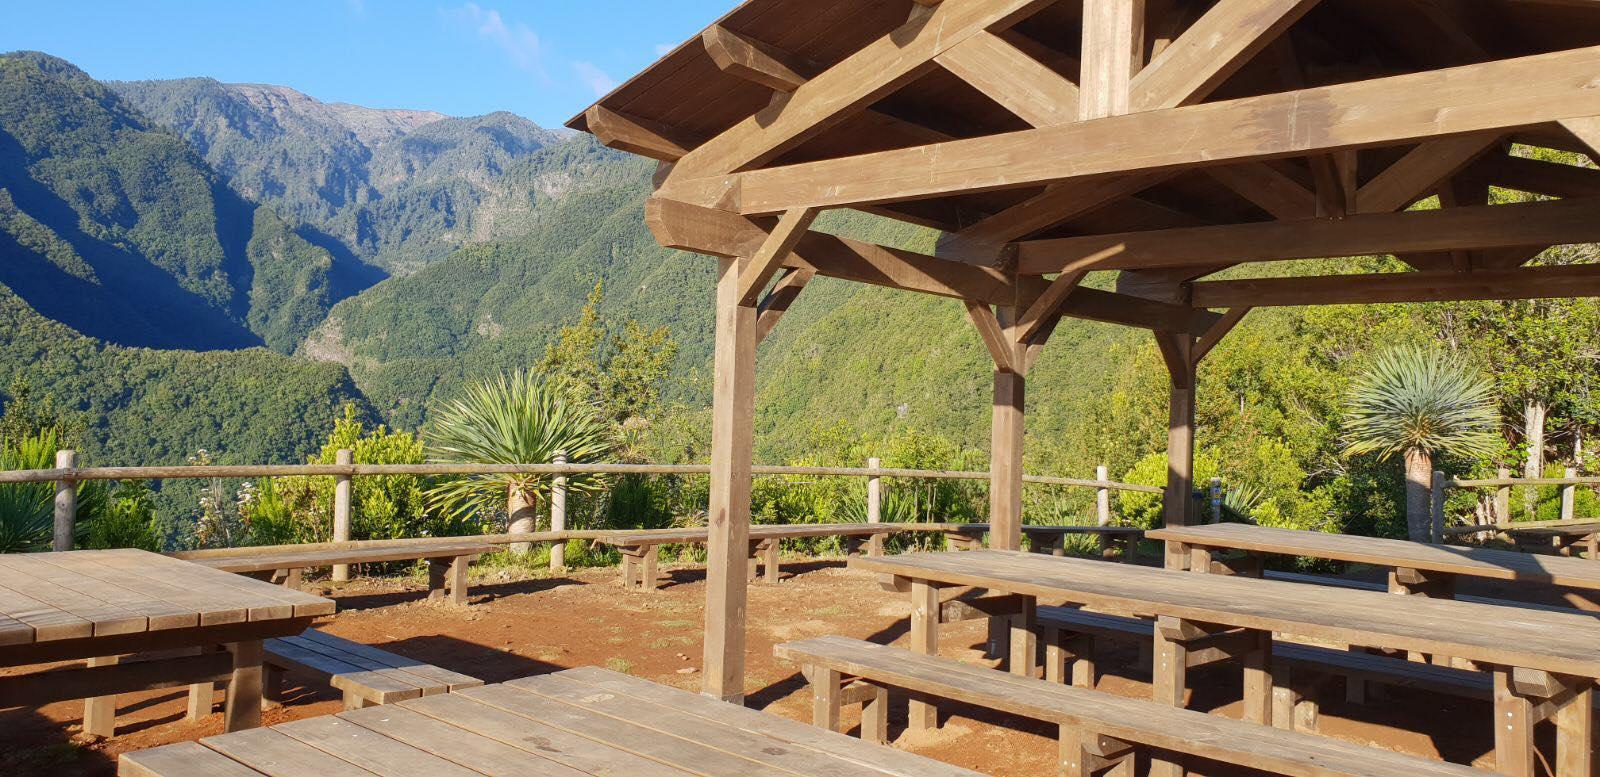 Viewpoint El Topo de Las Barandas